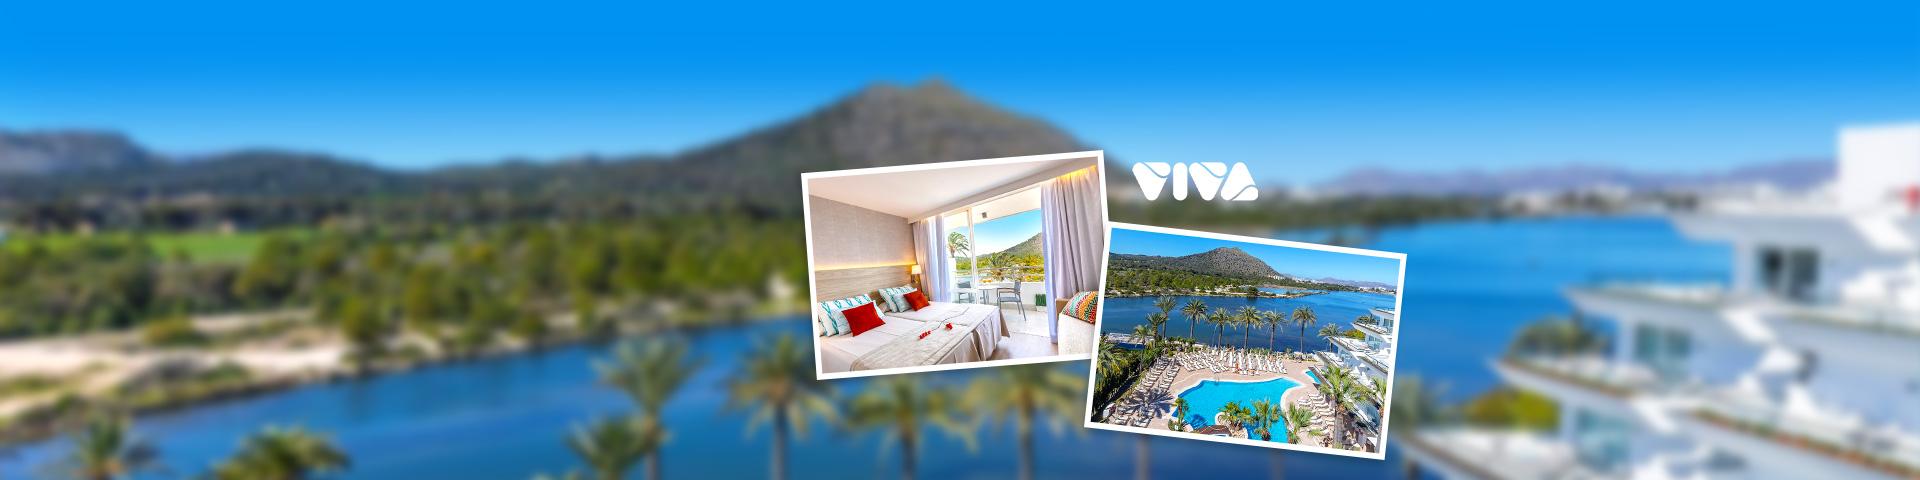 Foto's van faciliteiten van een VIVA hotel